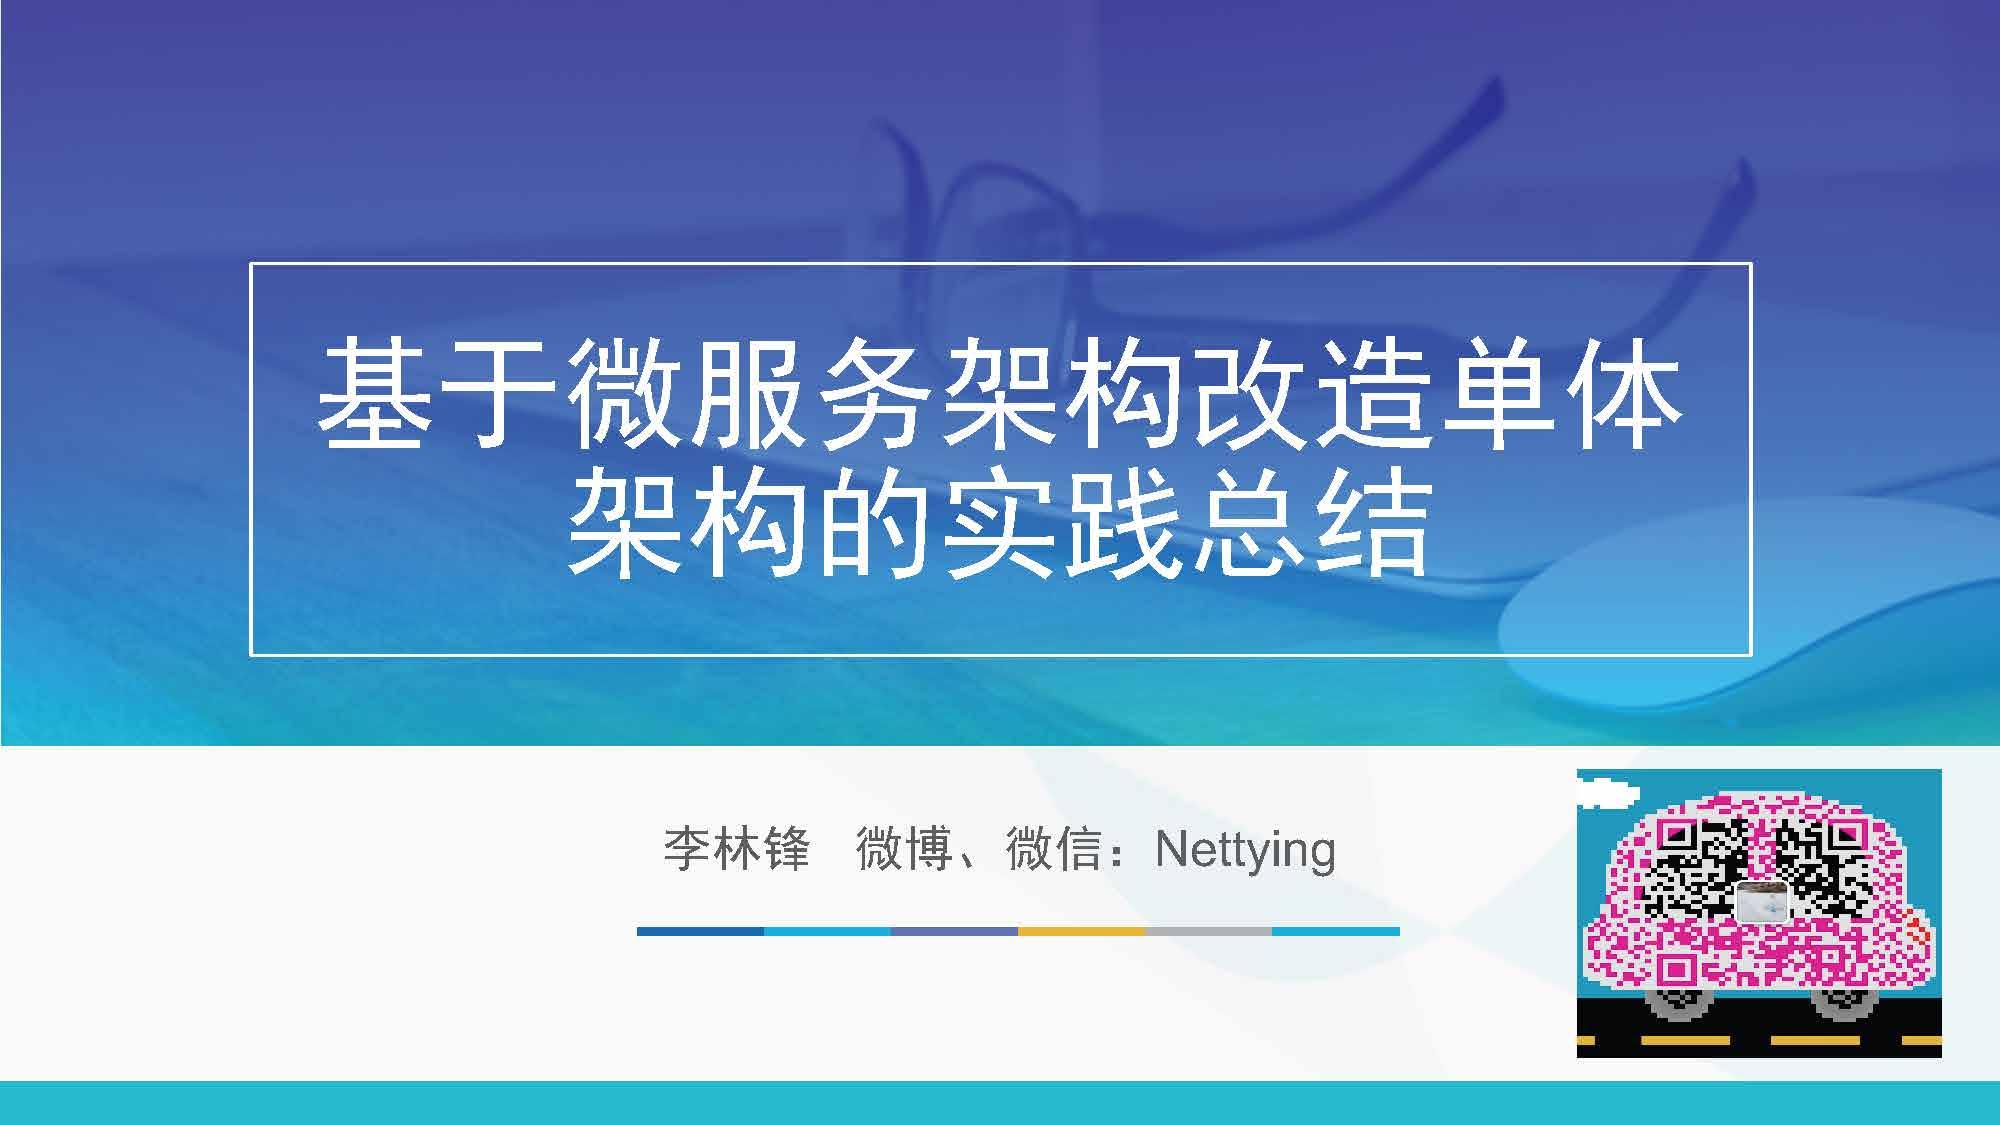 李林锋-基于微服务架构改造单体架构的实践总结